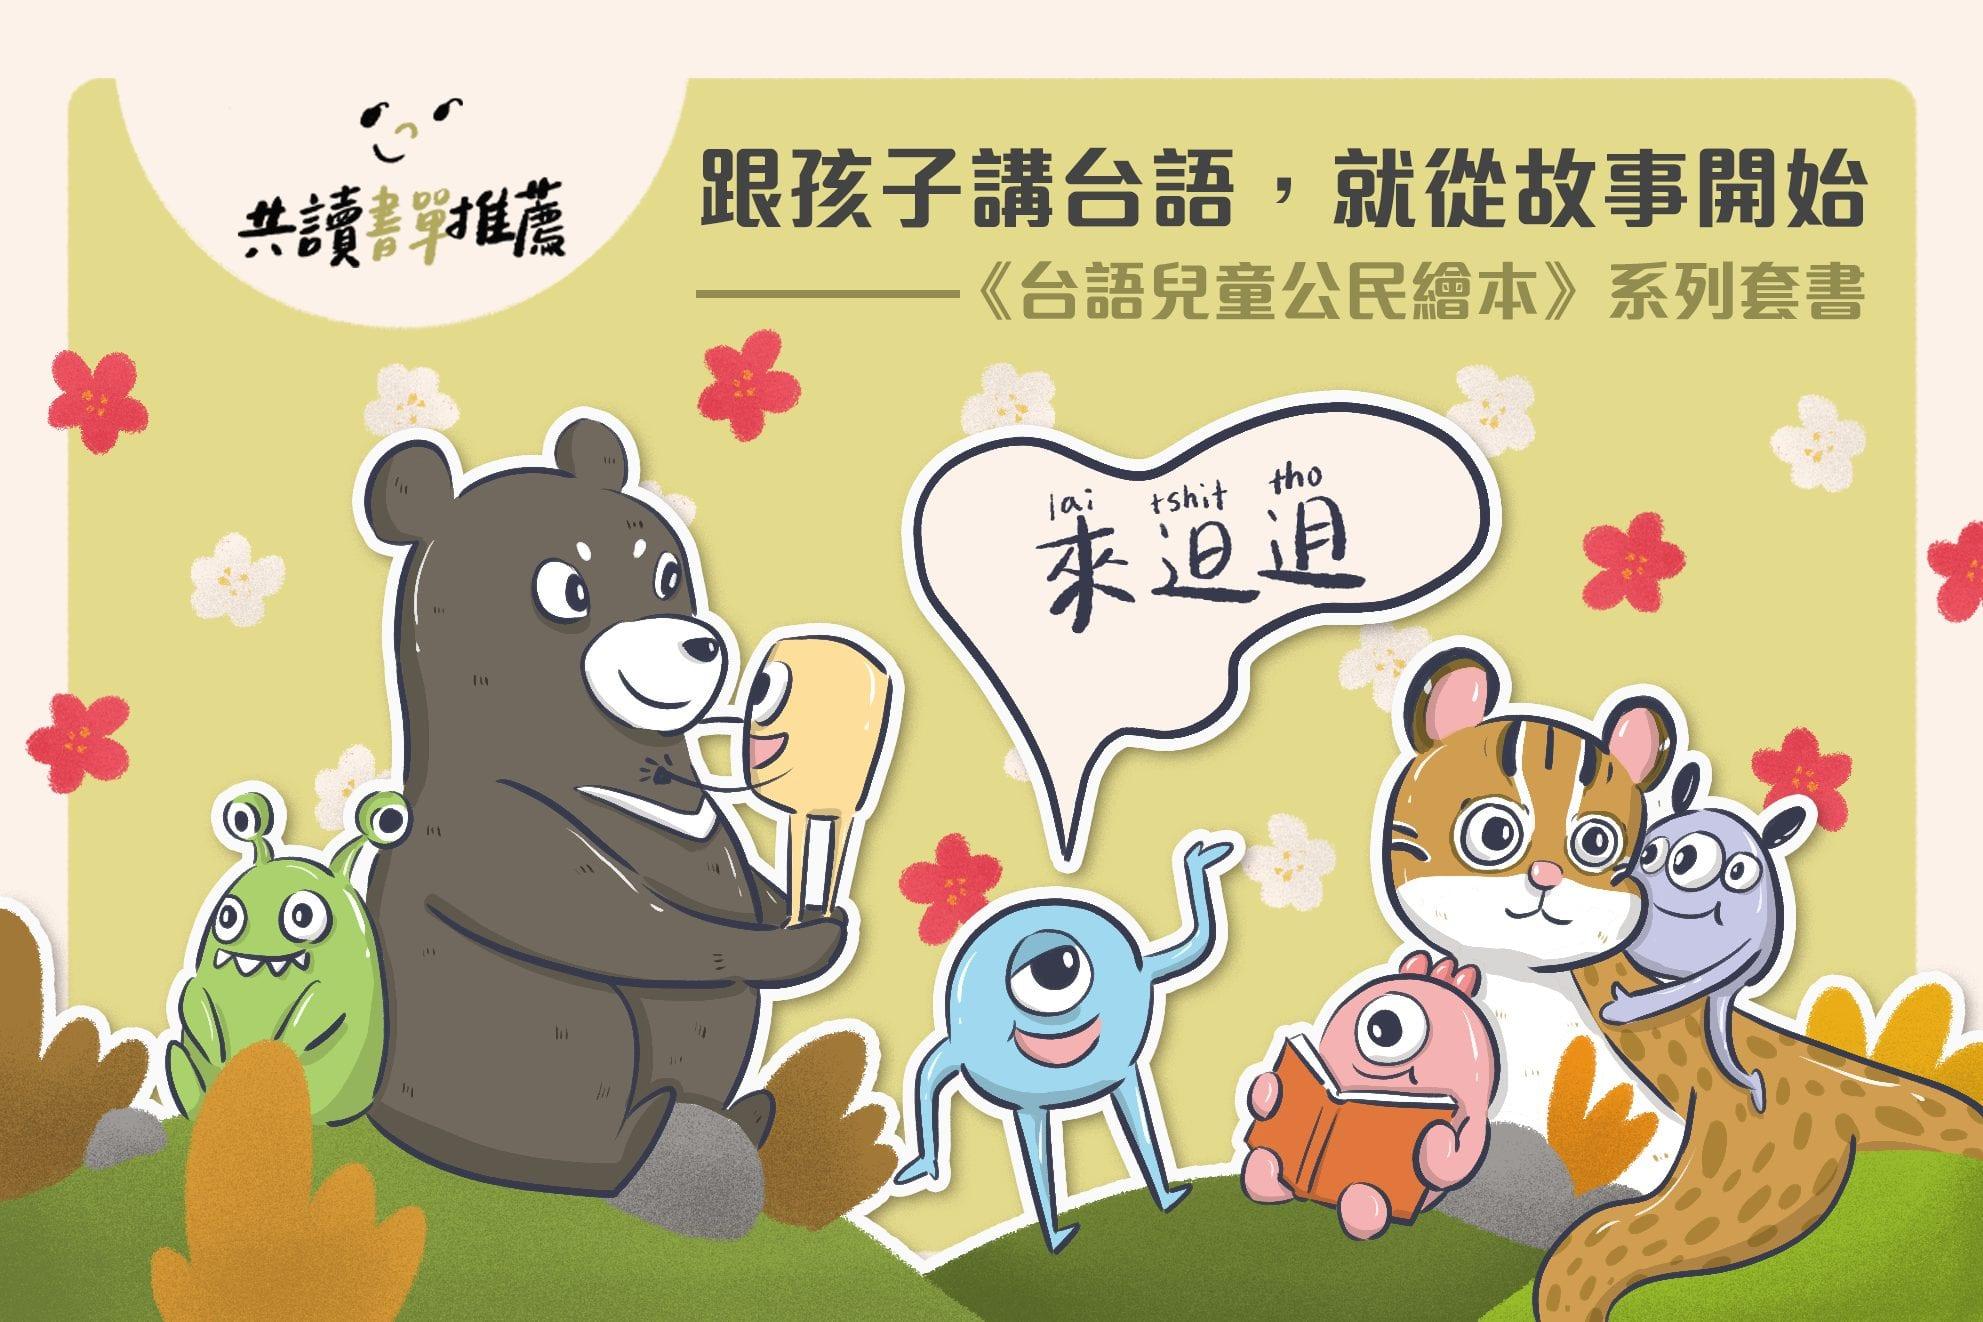 給孩子最特別的禮物 《台語兒童公民繪本》